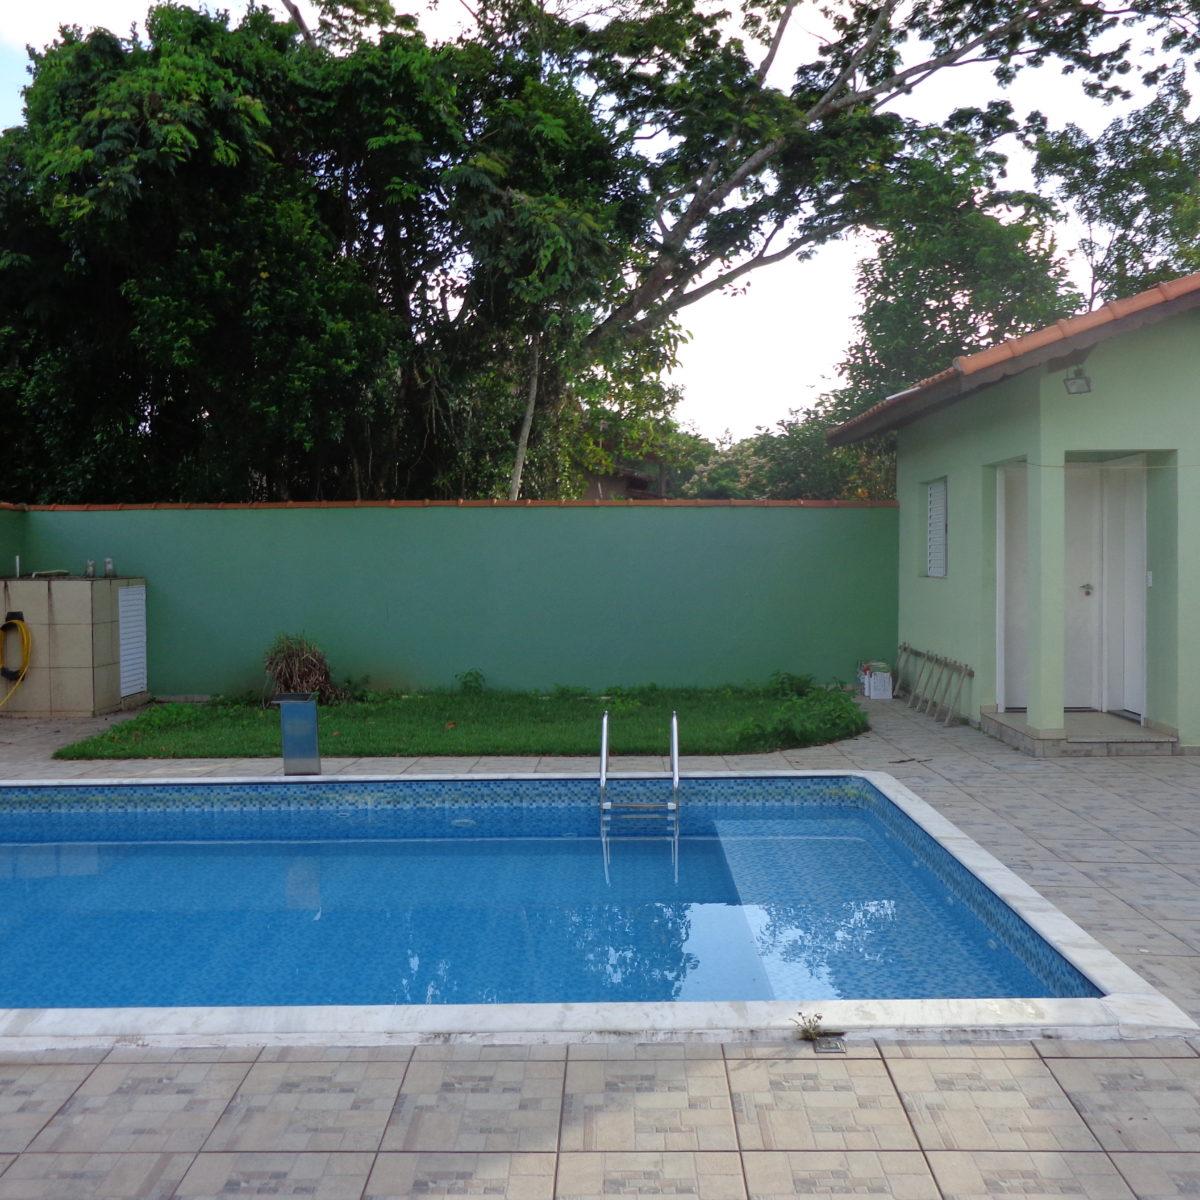 Ref.: R$600.000,00 Lindo sobrado com piscina (81291)